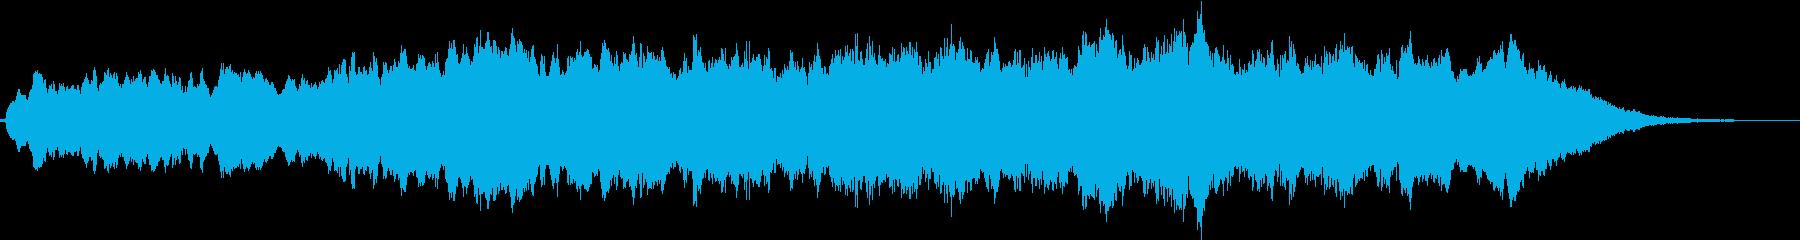 安らぎの電子アンビエントの再生済みの波形